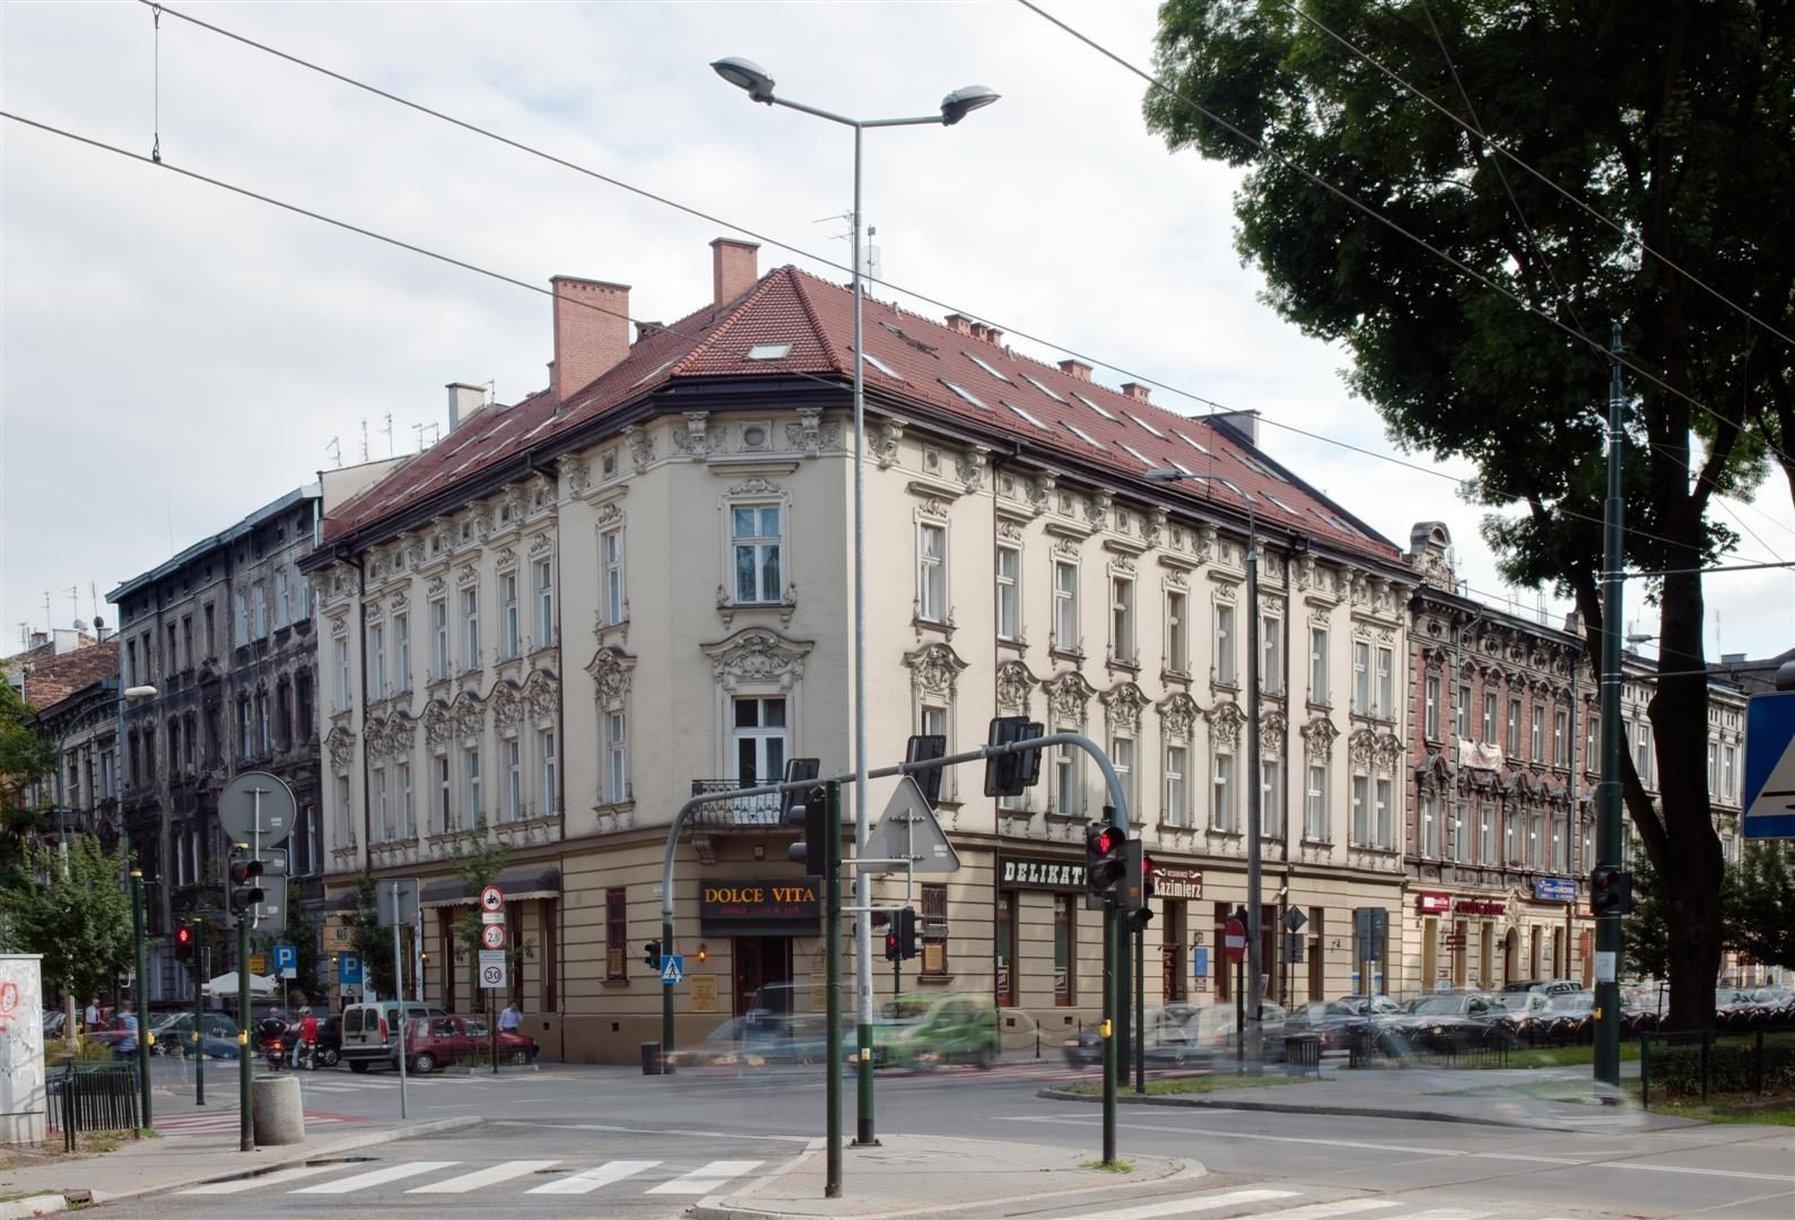 ApartmentsApart